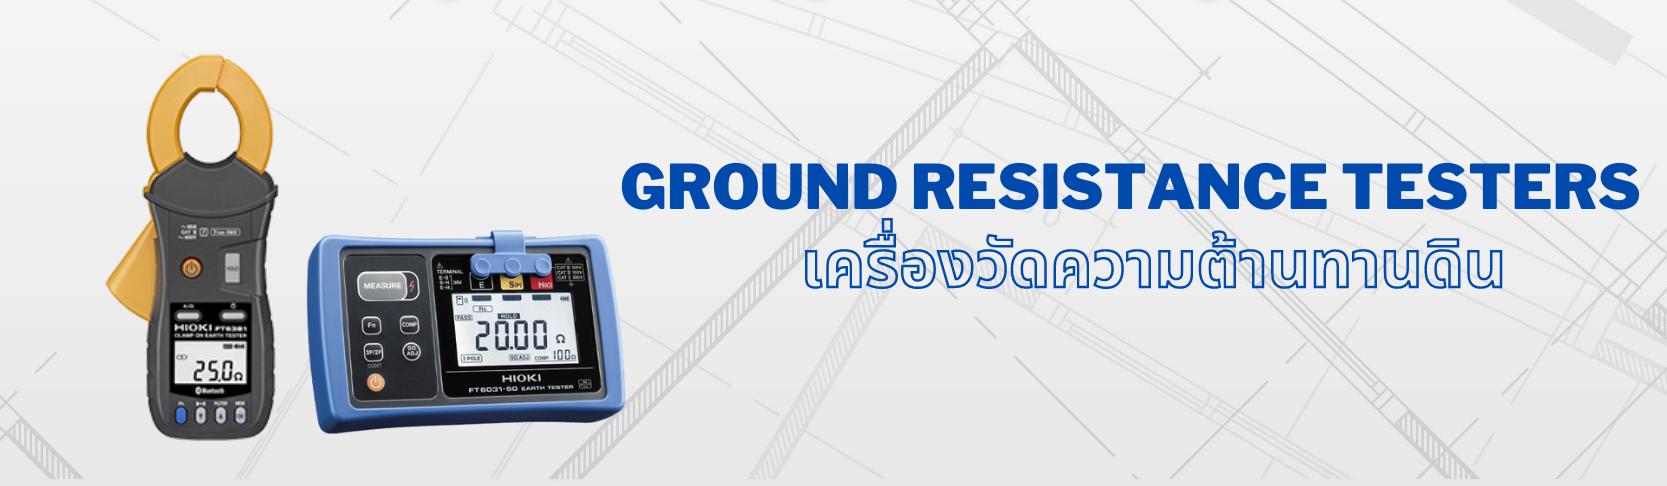 เครื่องวัดความต้านทานดิน (Ground Resistance Testers)